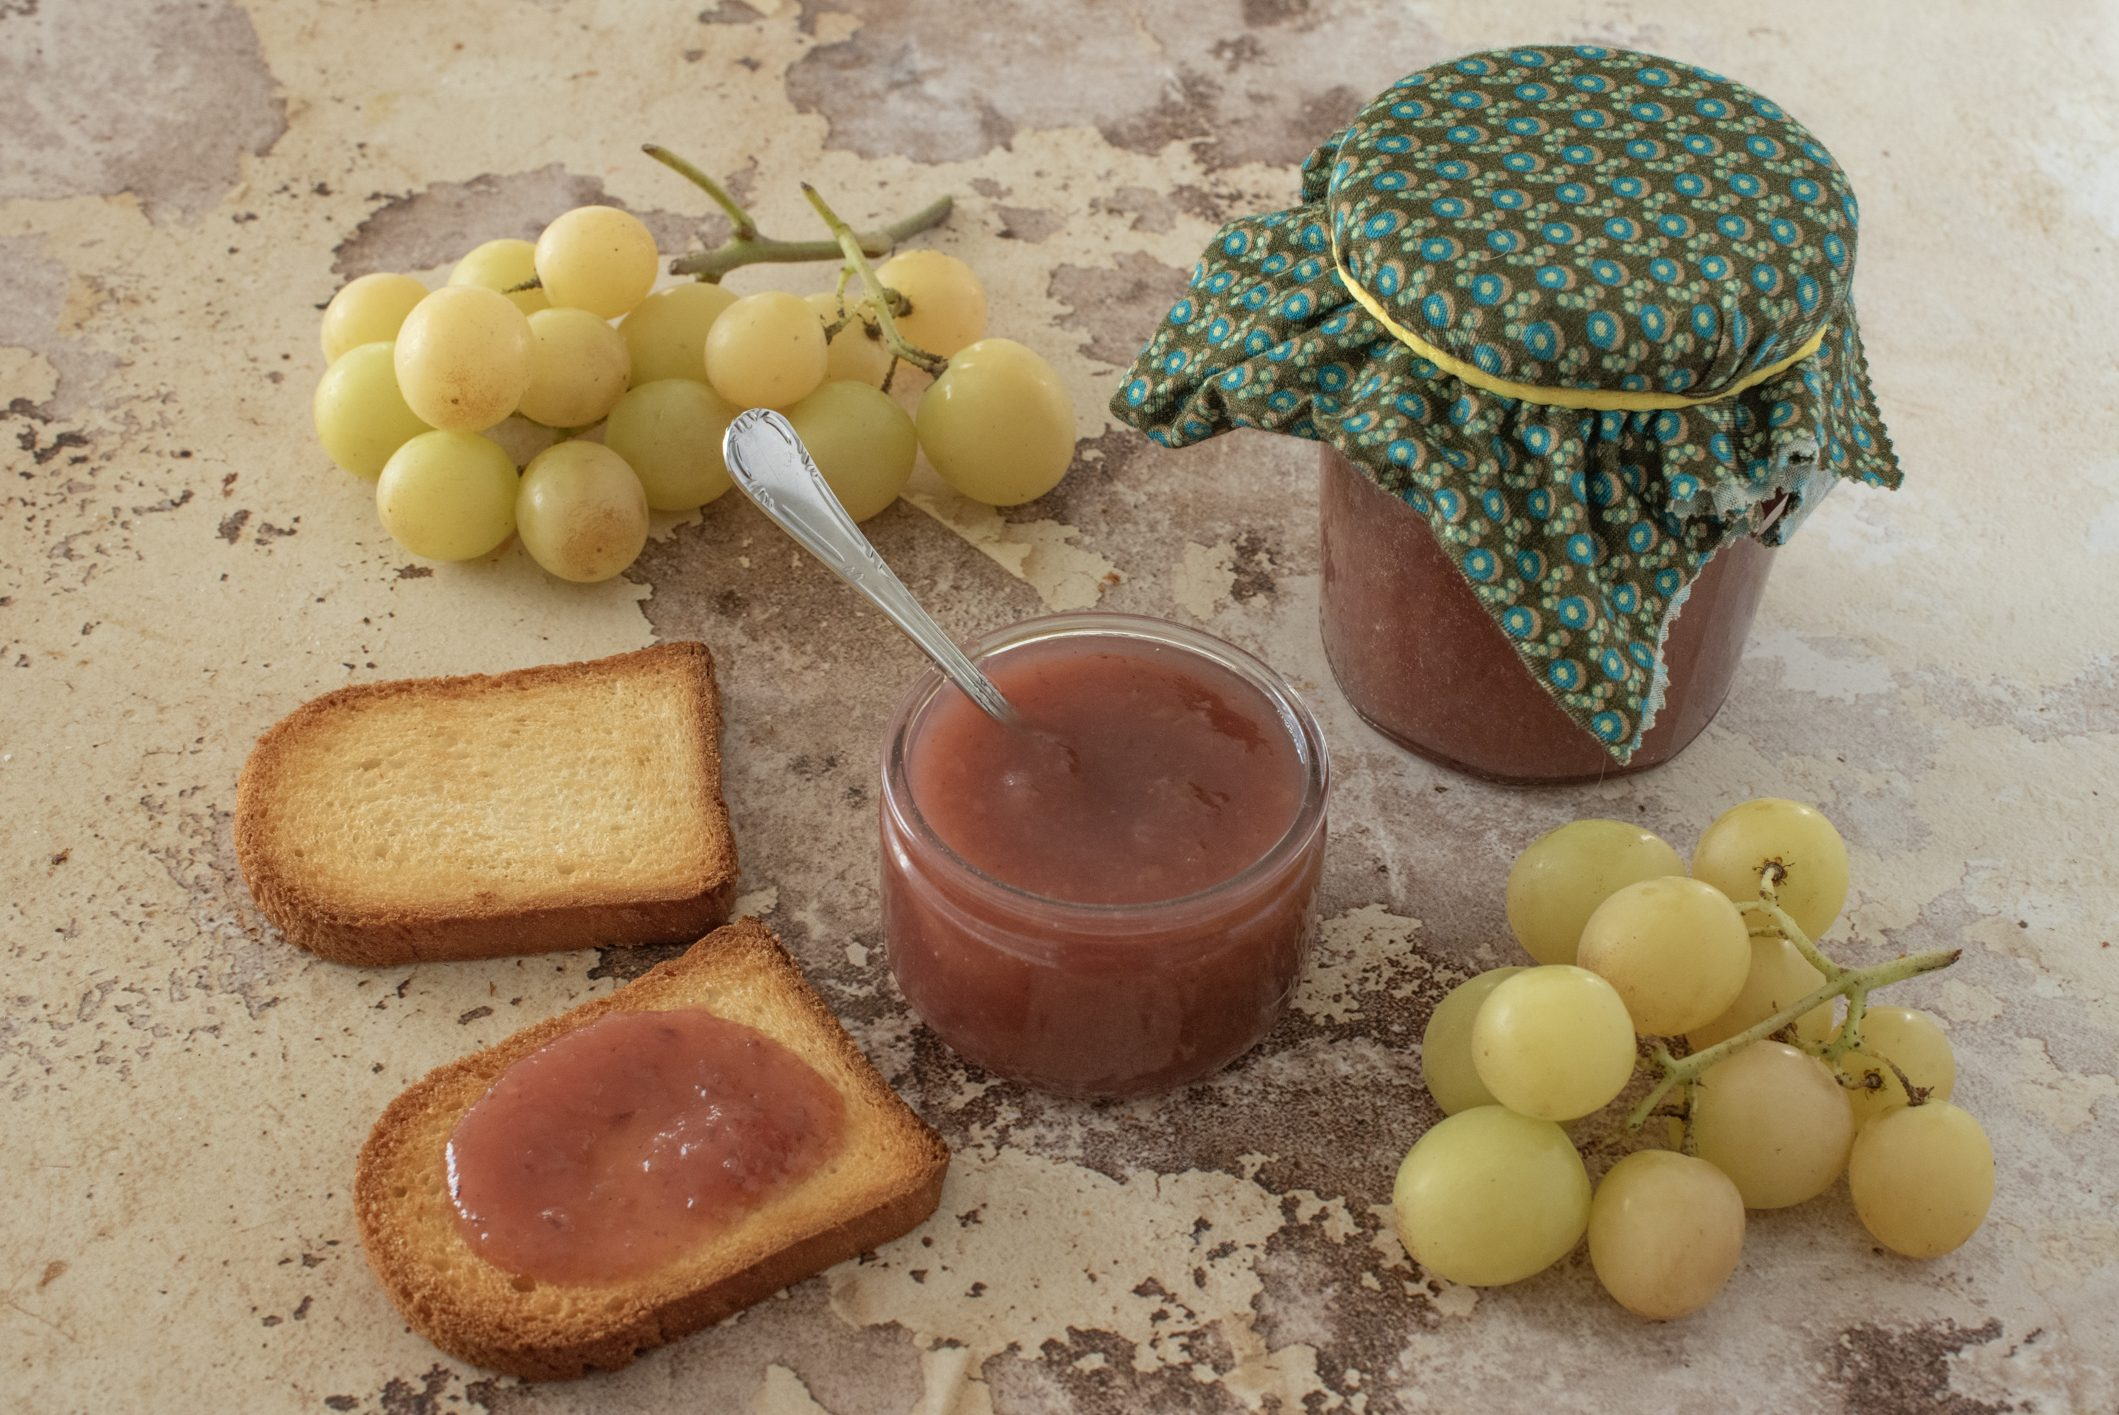 Marmellata di uva: la ricetta della conserva casalinga semplice e genuina